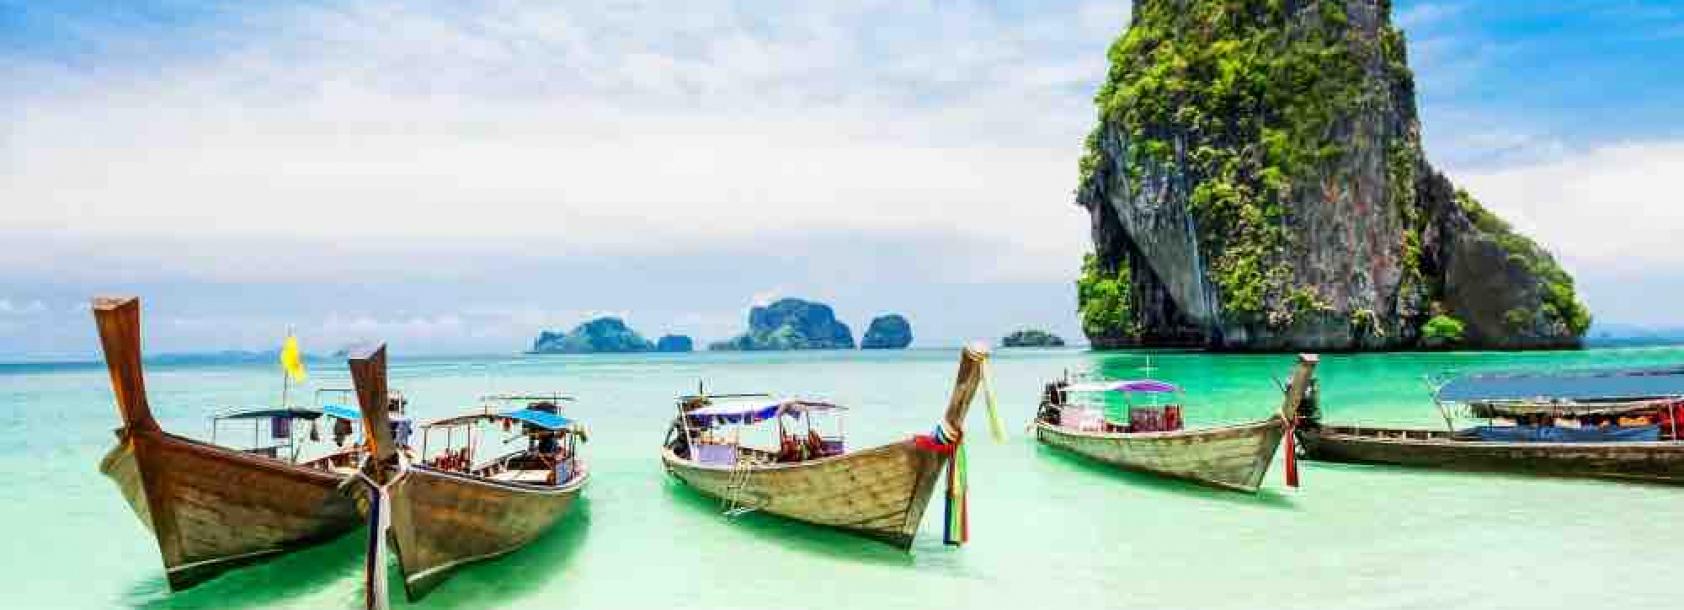 Thailand (3)